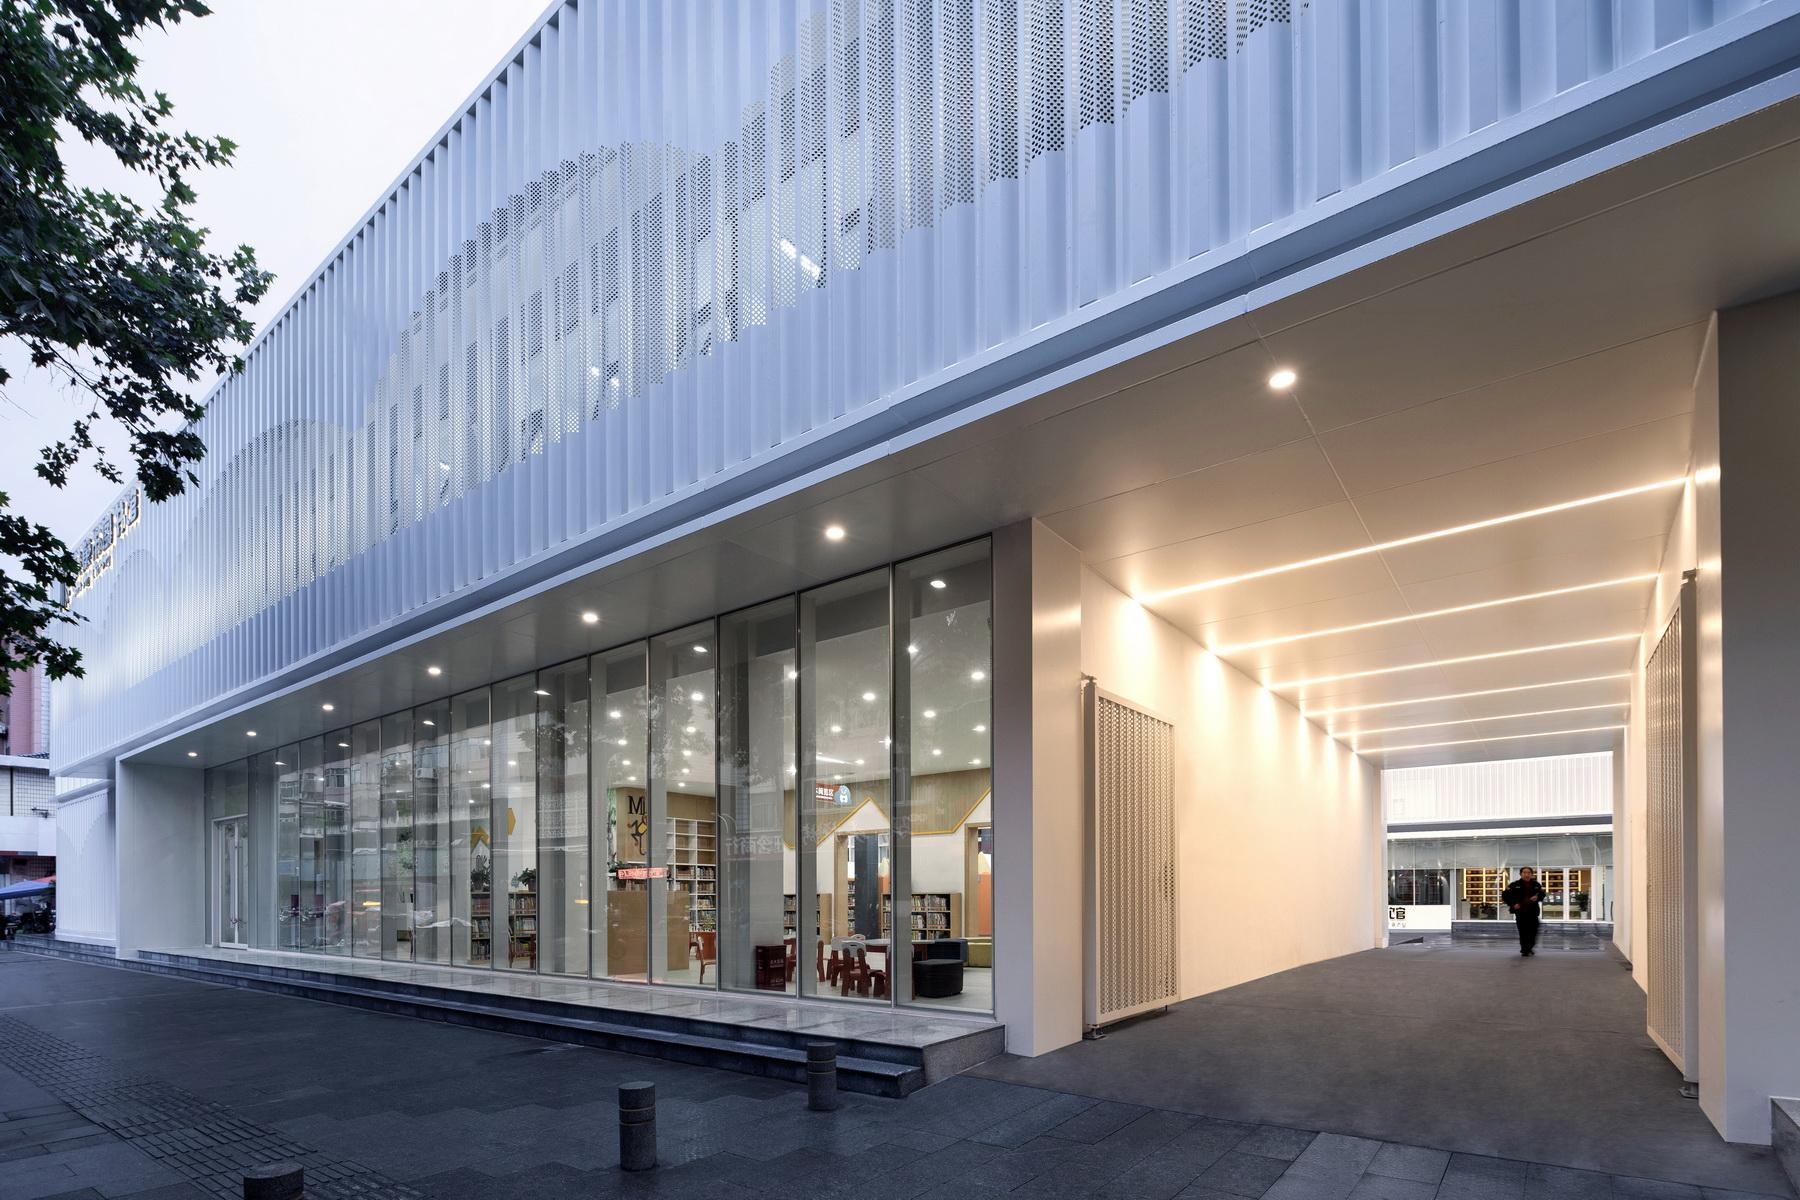 安康市图书馆改造 室内设计 /  UUA建筑师事务所